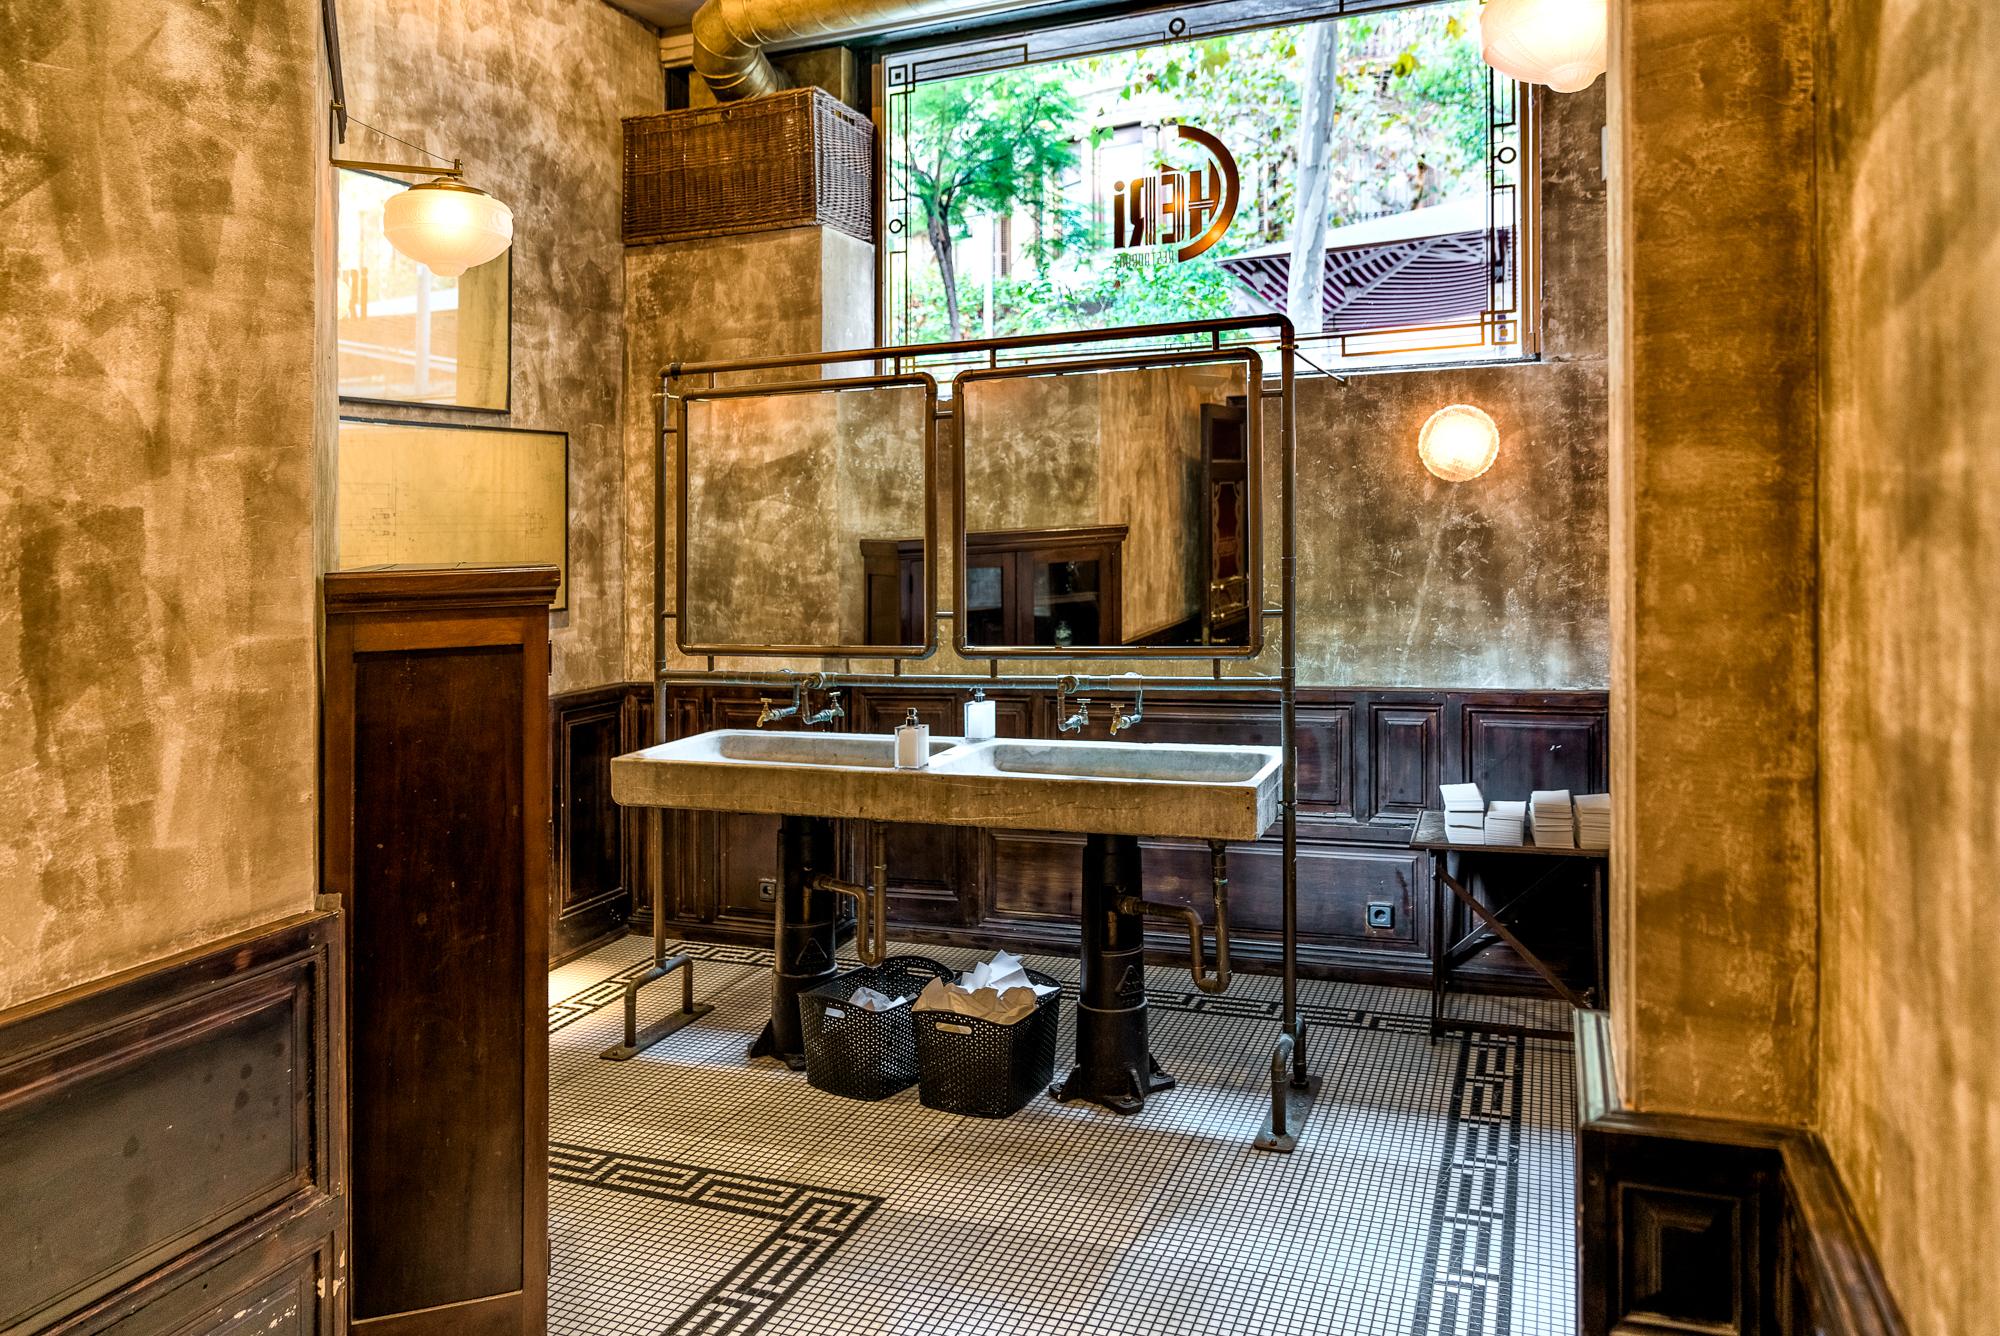 Barcelona Cher Restaurant-1.jpg